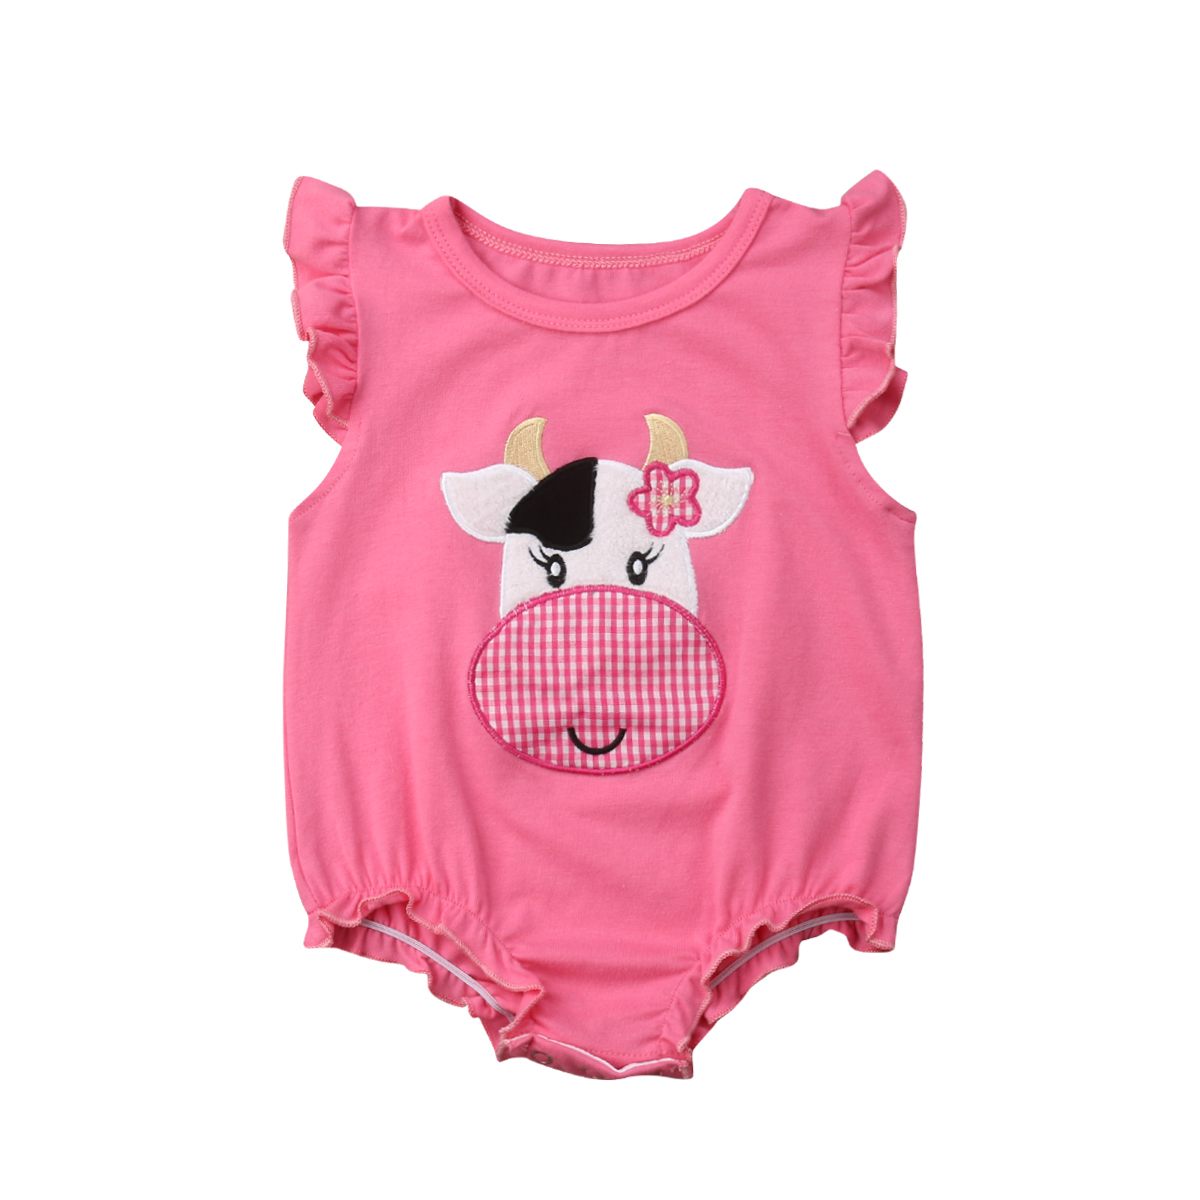 0-18 M Leuke Pasgeboren Baby Meisje Bloemen Crow Print Katoen Romper Jumpsuit Outfits Zomer Kleding Structurele Handicaps